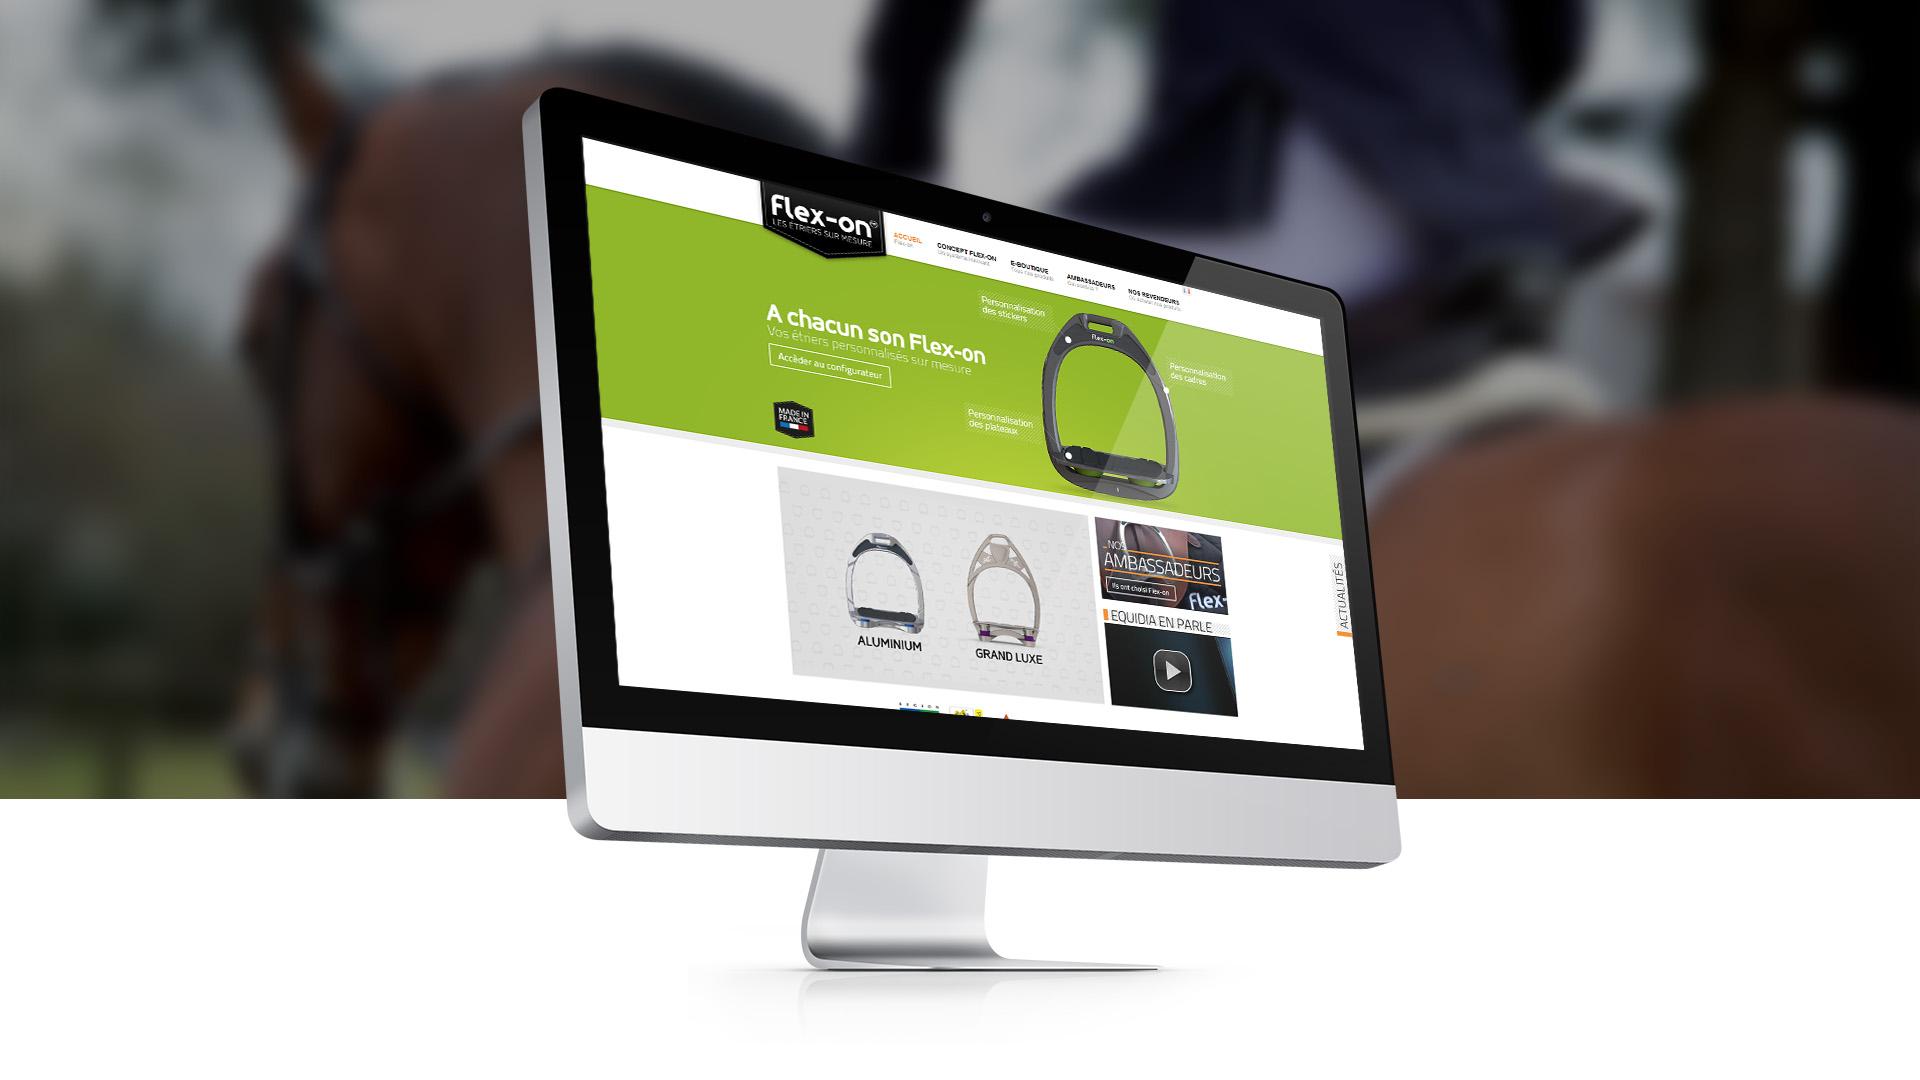 E-commerce : Flex-on